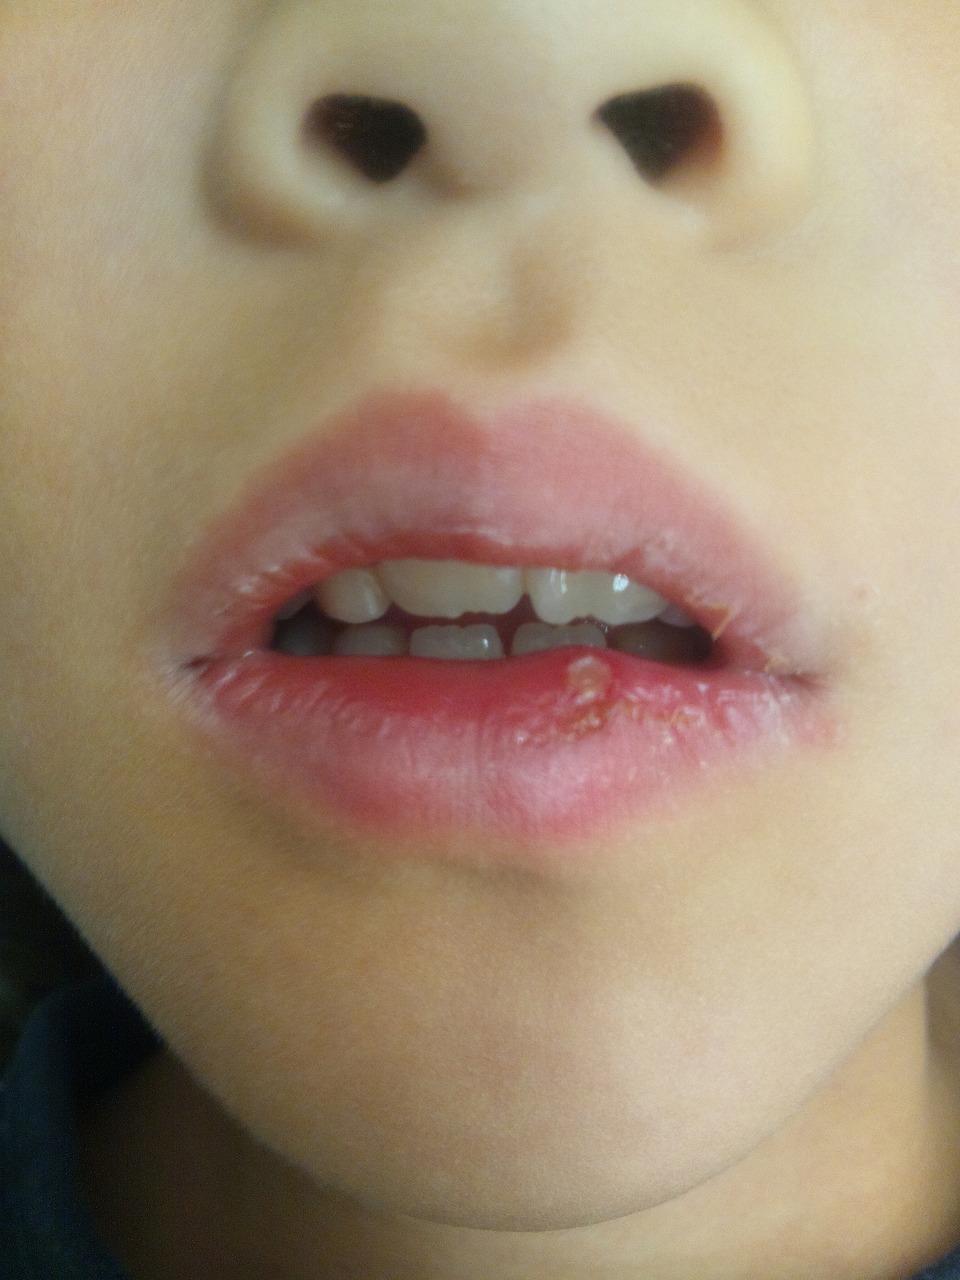 ヘルペス 初期 口唇